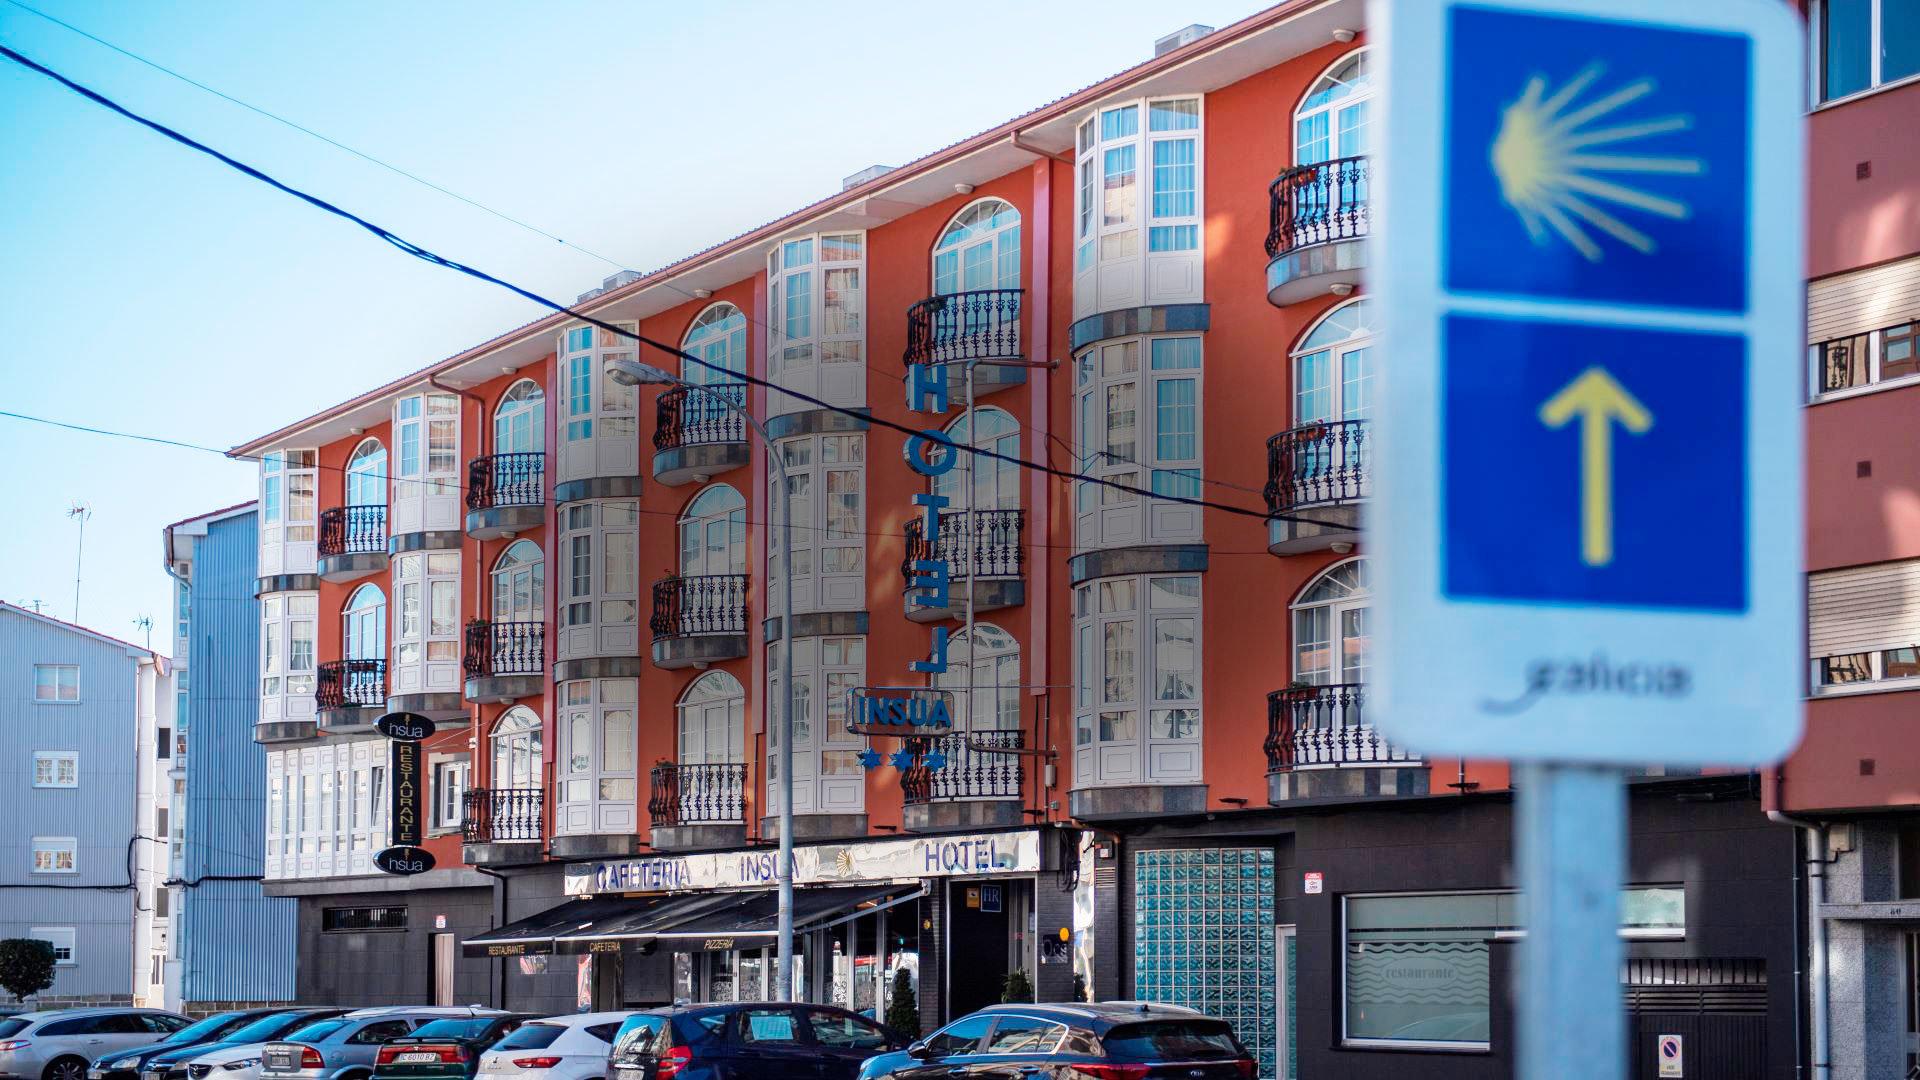 El Hotel Insua de Cee consigue reducir en un 50% su gasto en calefacción gracias a la aerotermia